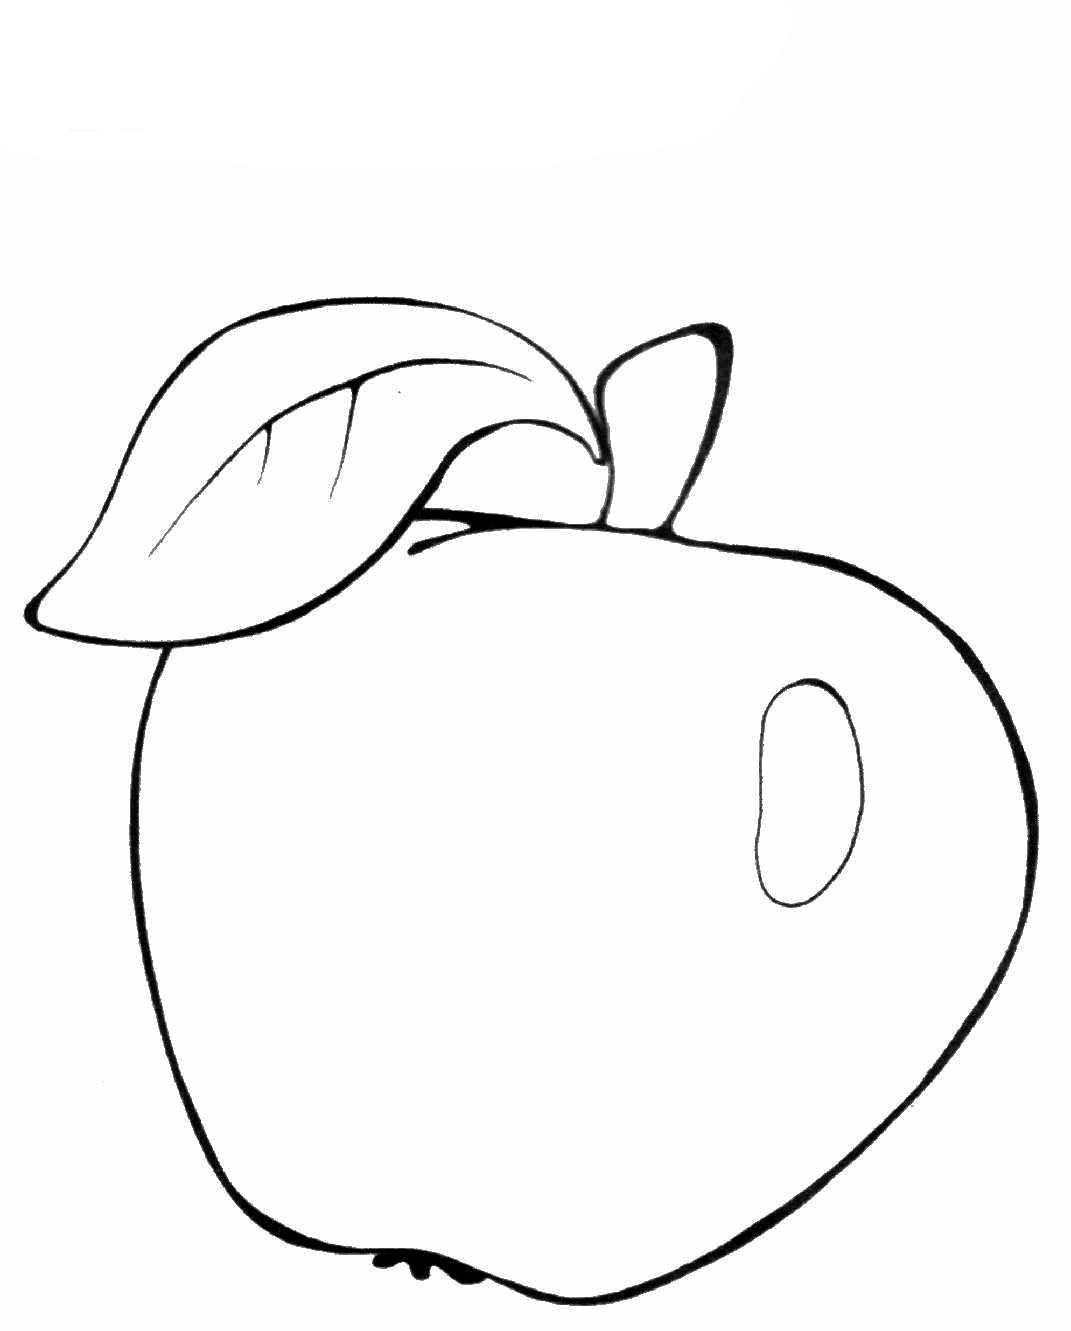 Раскраска яблоко | Овощи и фрукты